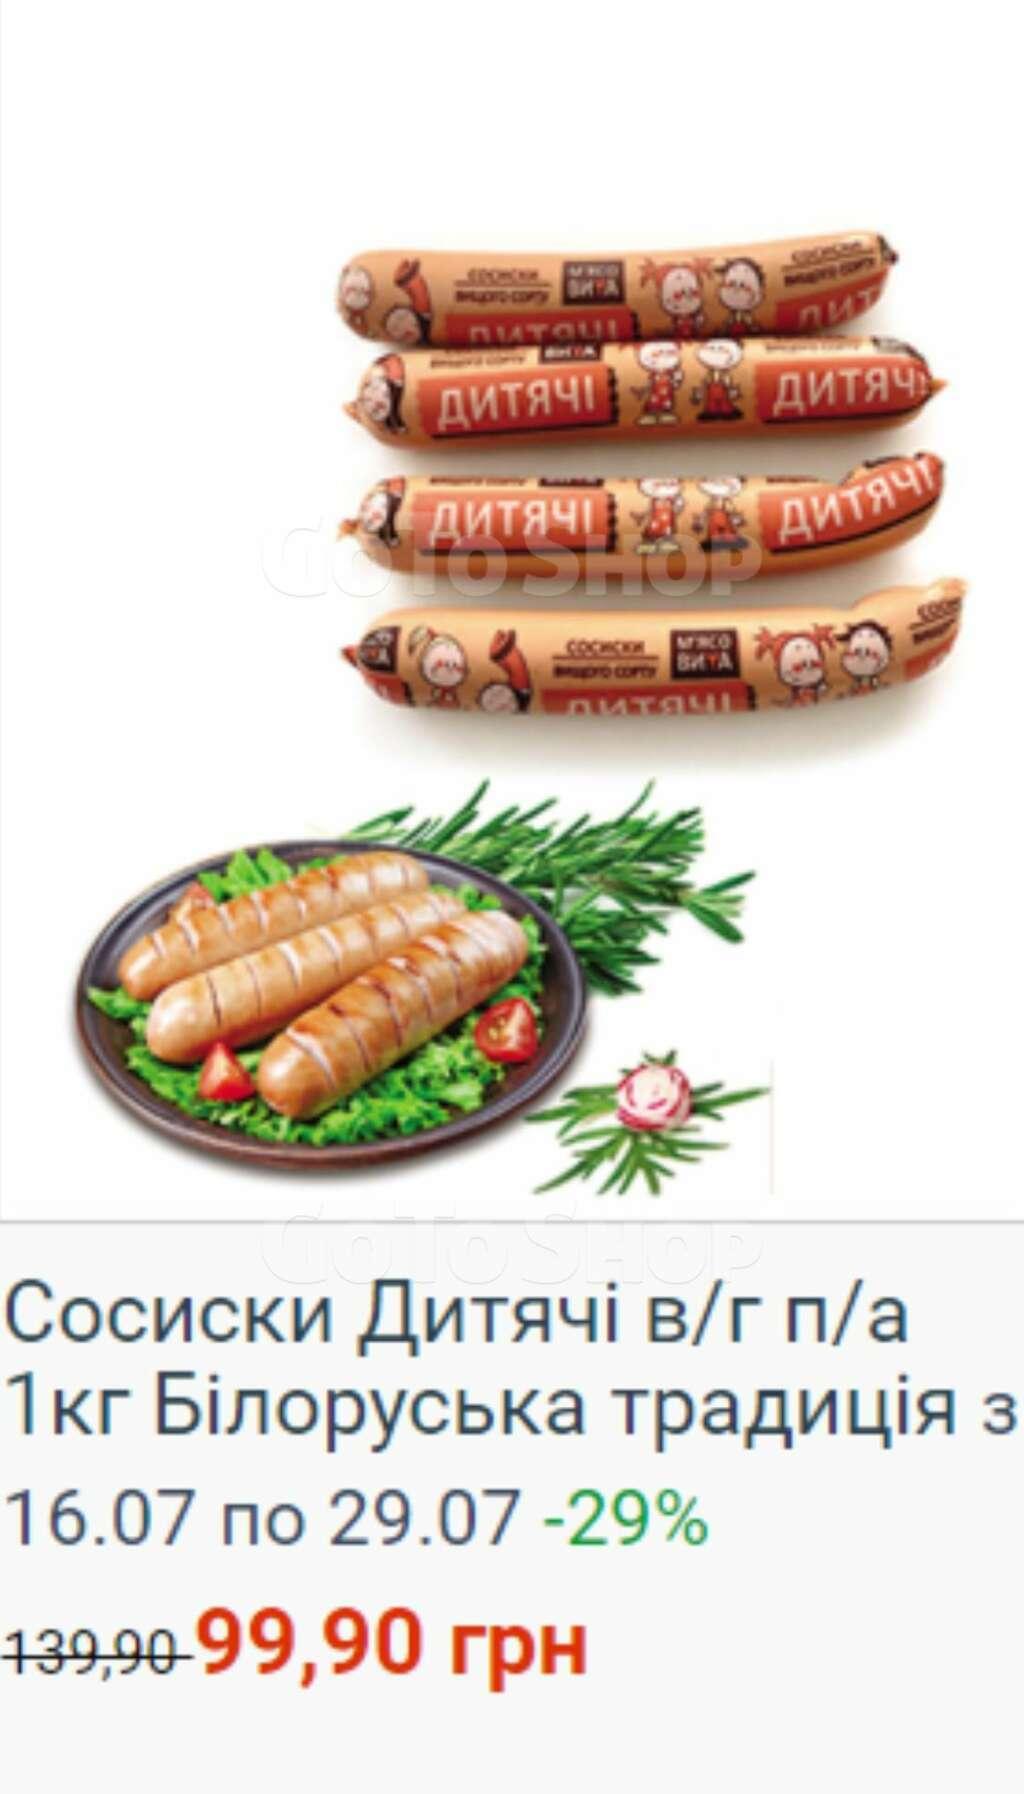 Сосиски